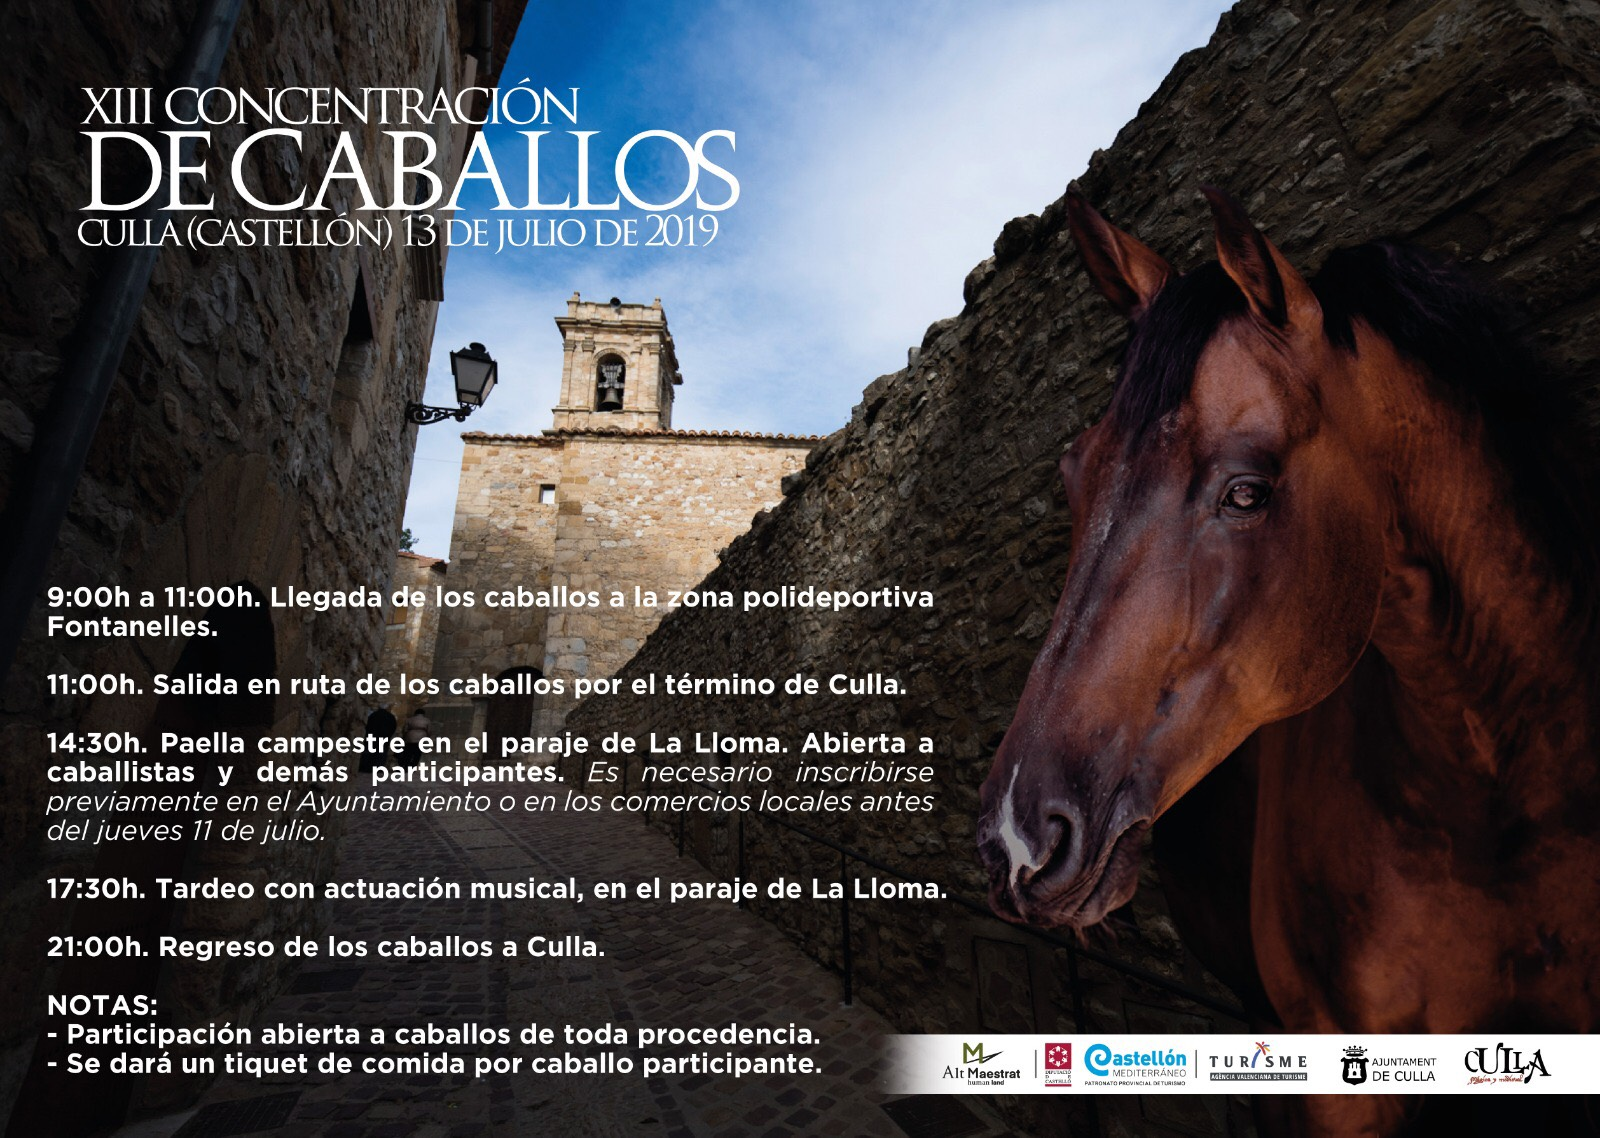 Llega la XIII Concentración de caballos de Culla